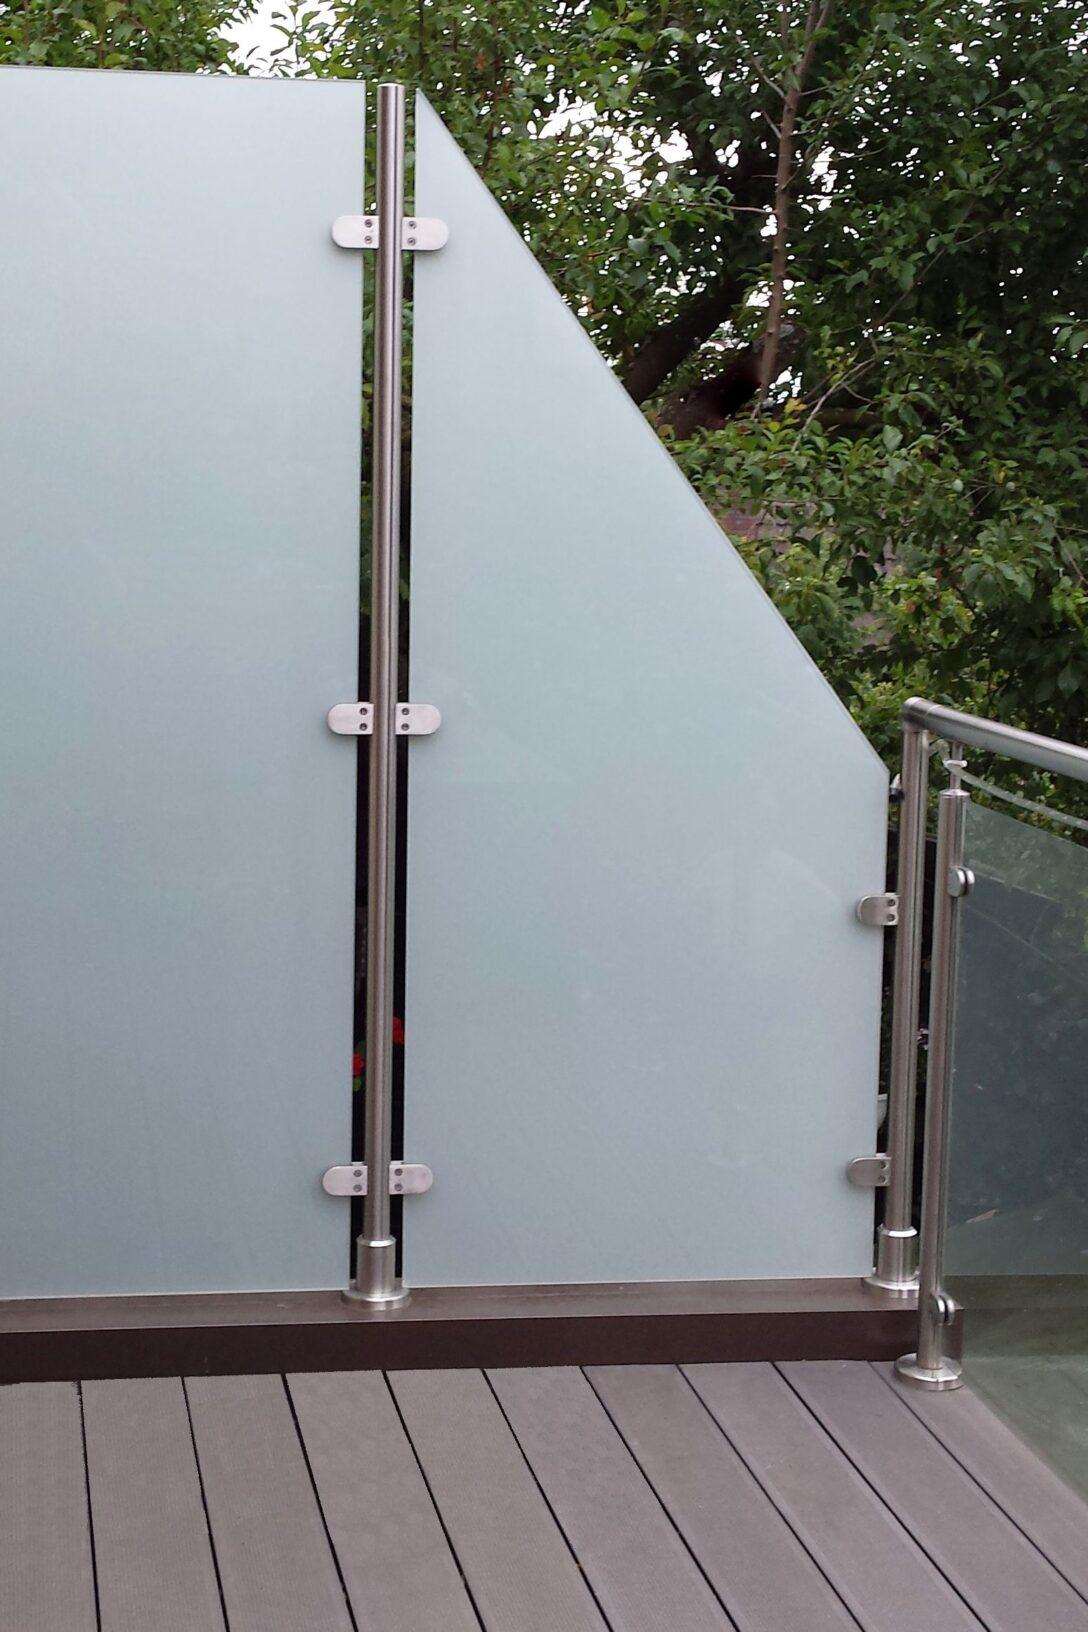 Large Size of Abtrennwand Garten Trennwand Holz Balkon Sichtschutz Metall Sondereigentum Plexiglas Ikea Feuerschale Bewässerungssysteme Test Lärmschutzwand Lounge Möbel Wohnzimmer Abtrennwand Garten